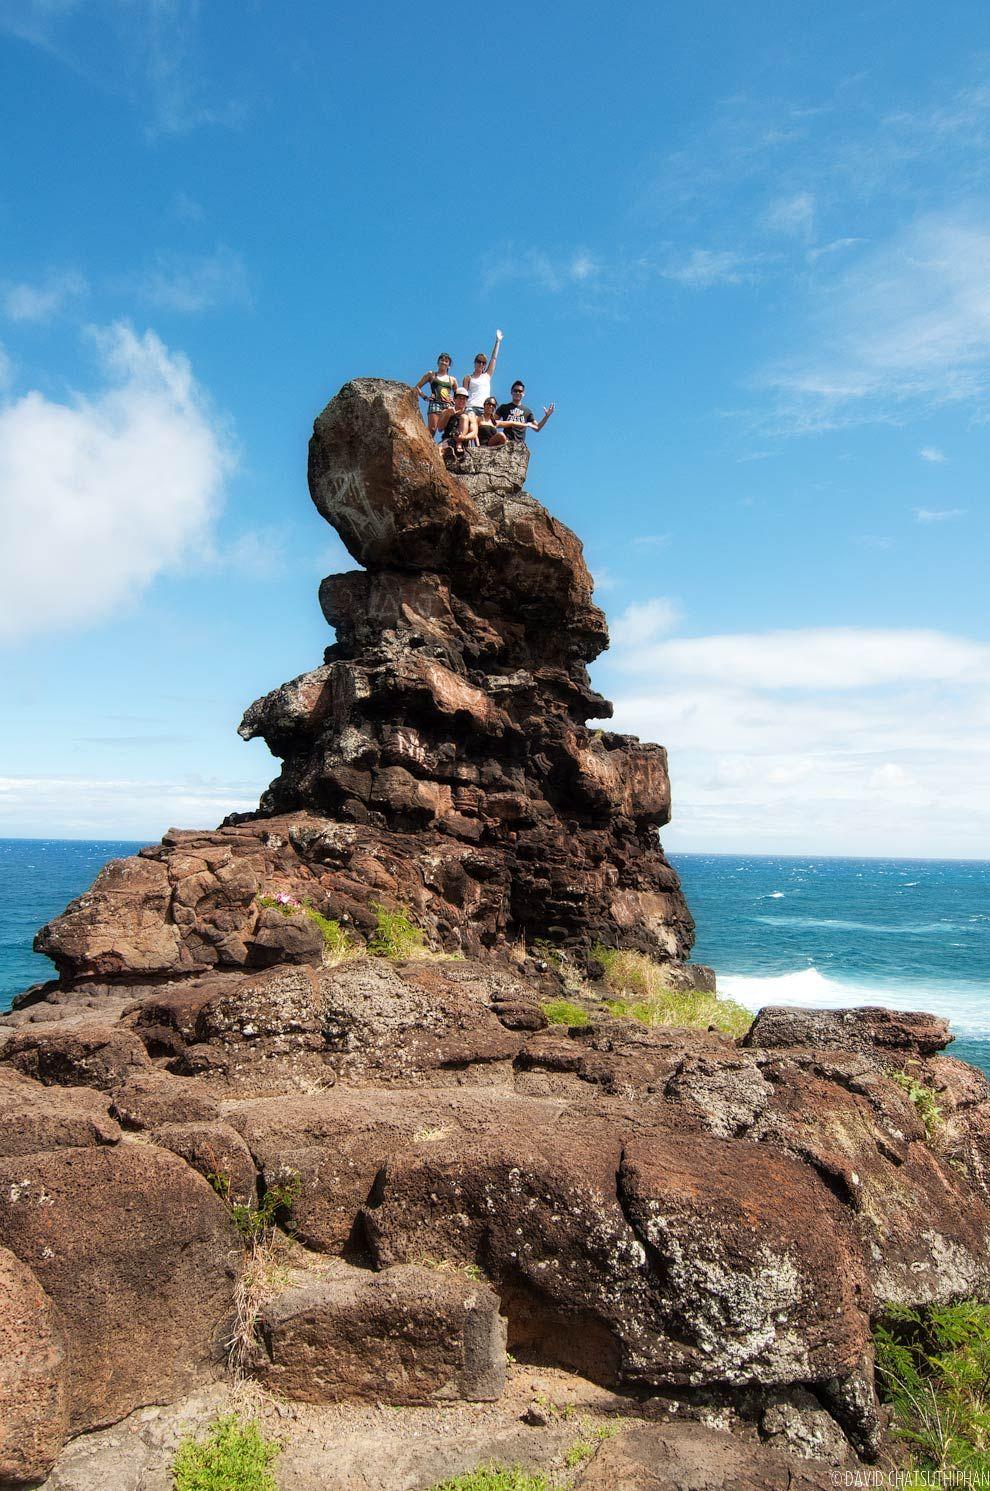 Oahu beach chair rental hawaii beach time - Alan Davis Beach Pele S Chair By David Chatsuthiphan Oahu Hawaii